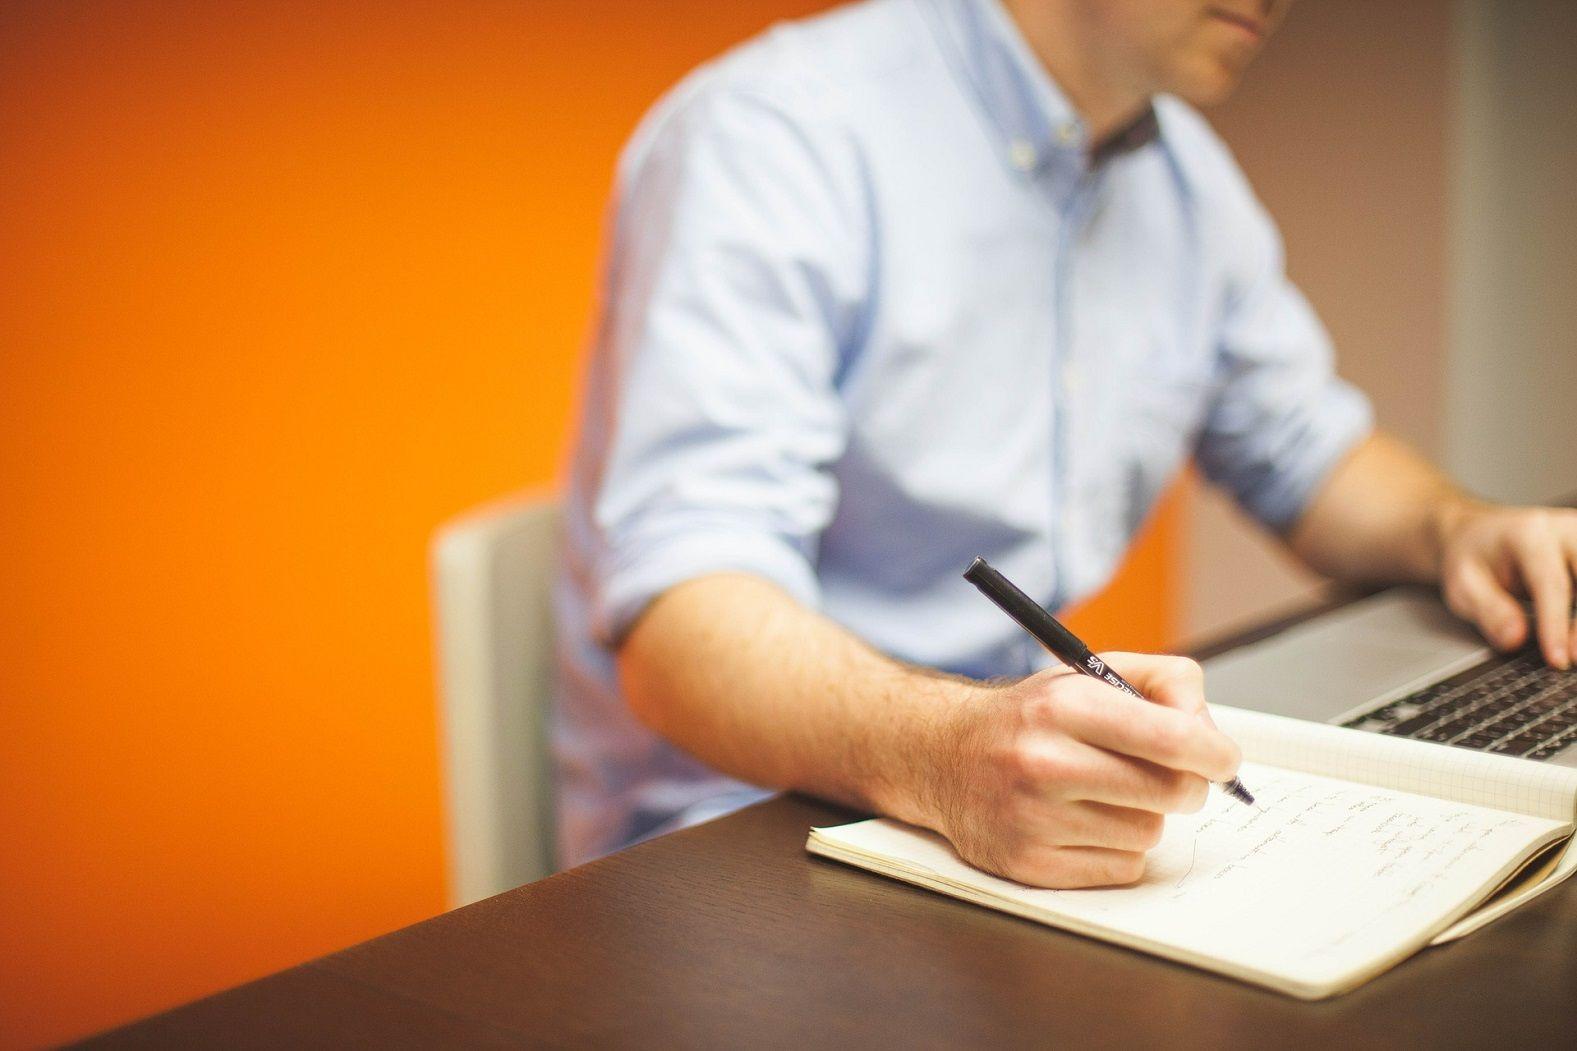 Professionnels du marketing - ce que le RGPD va changer